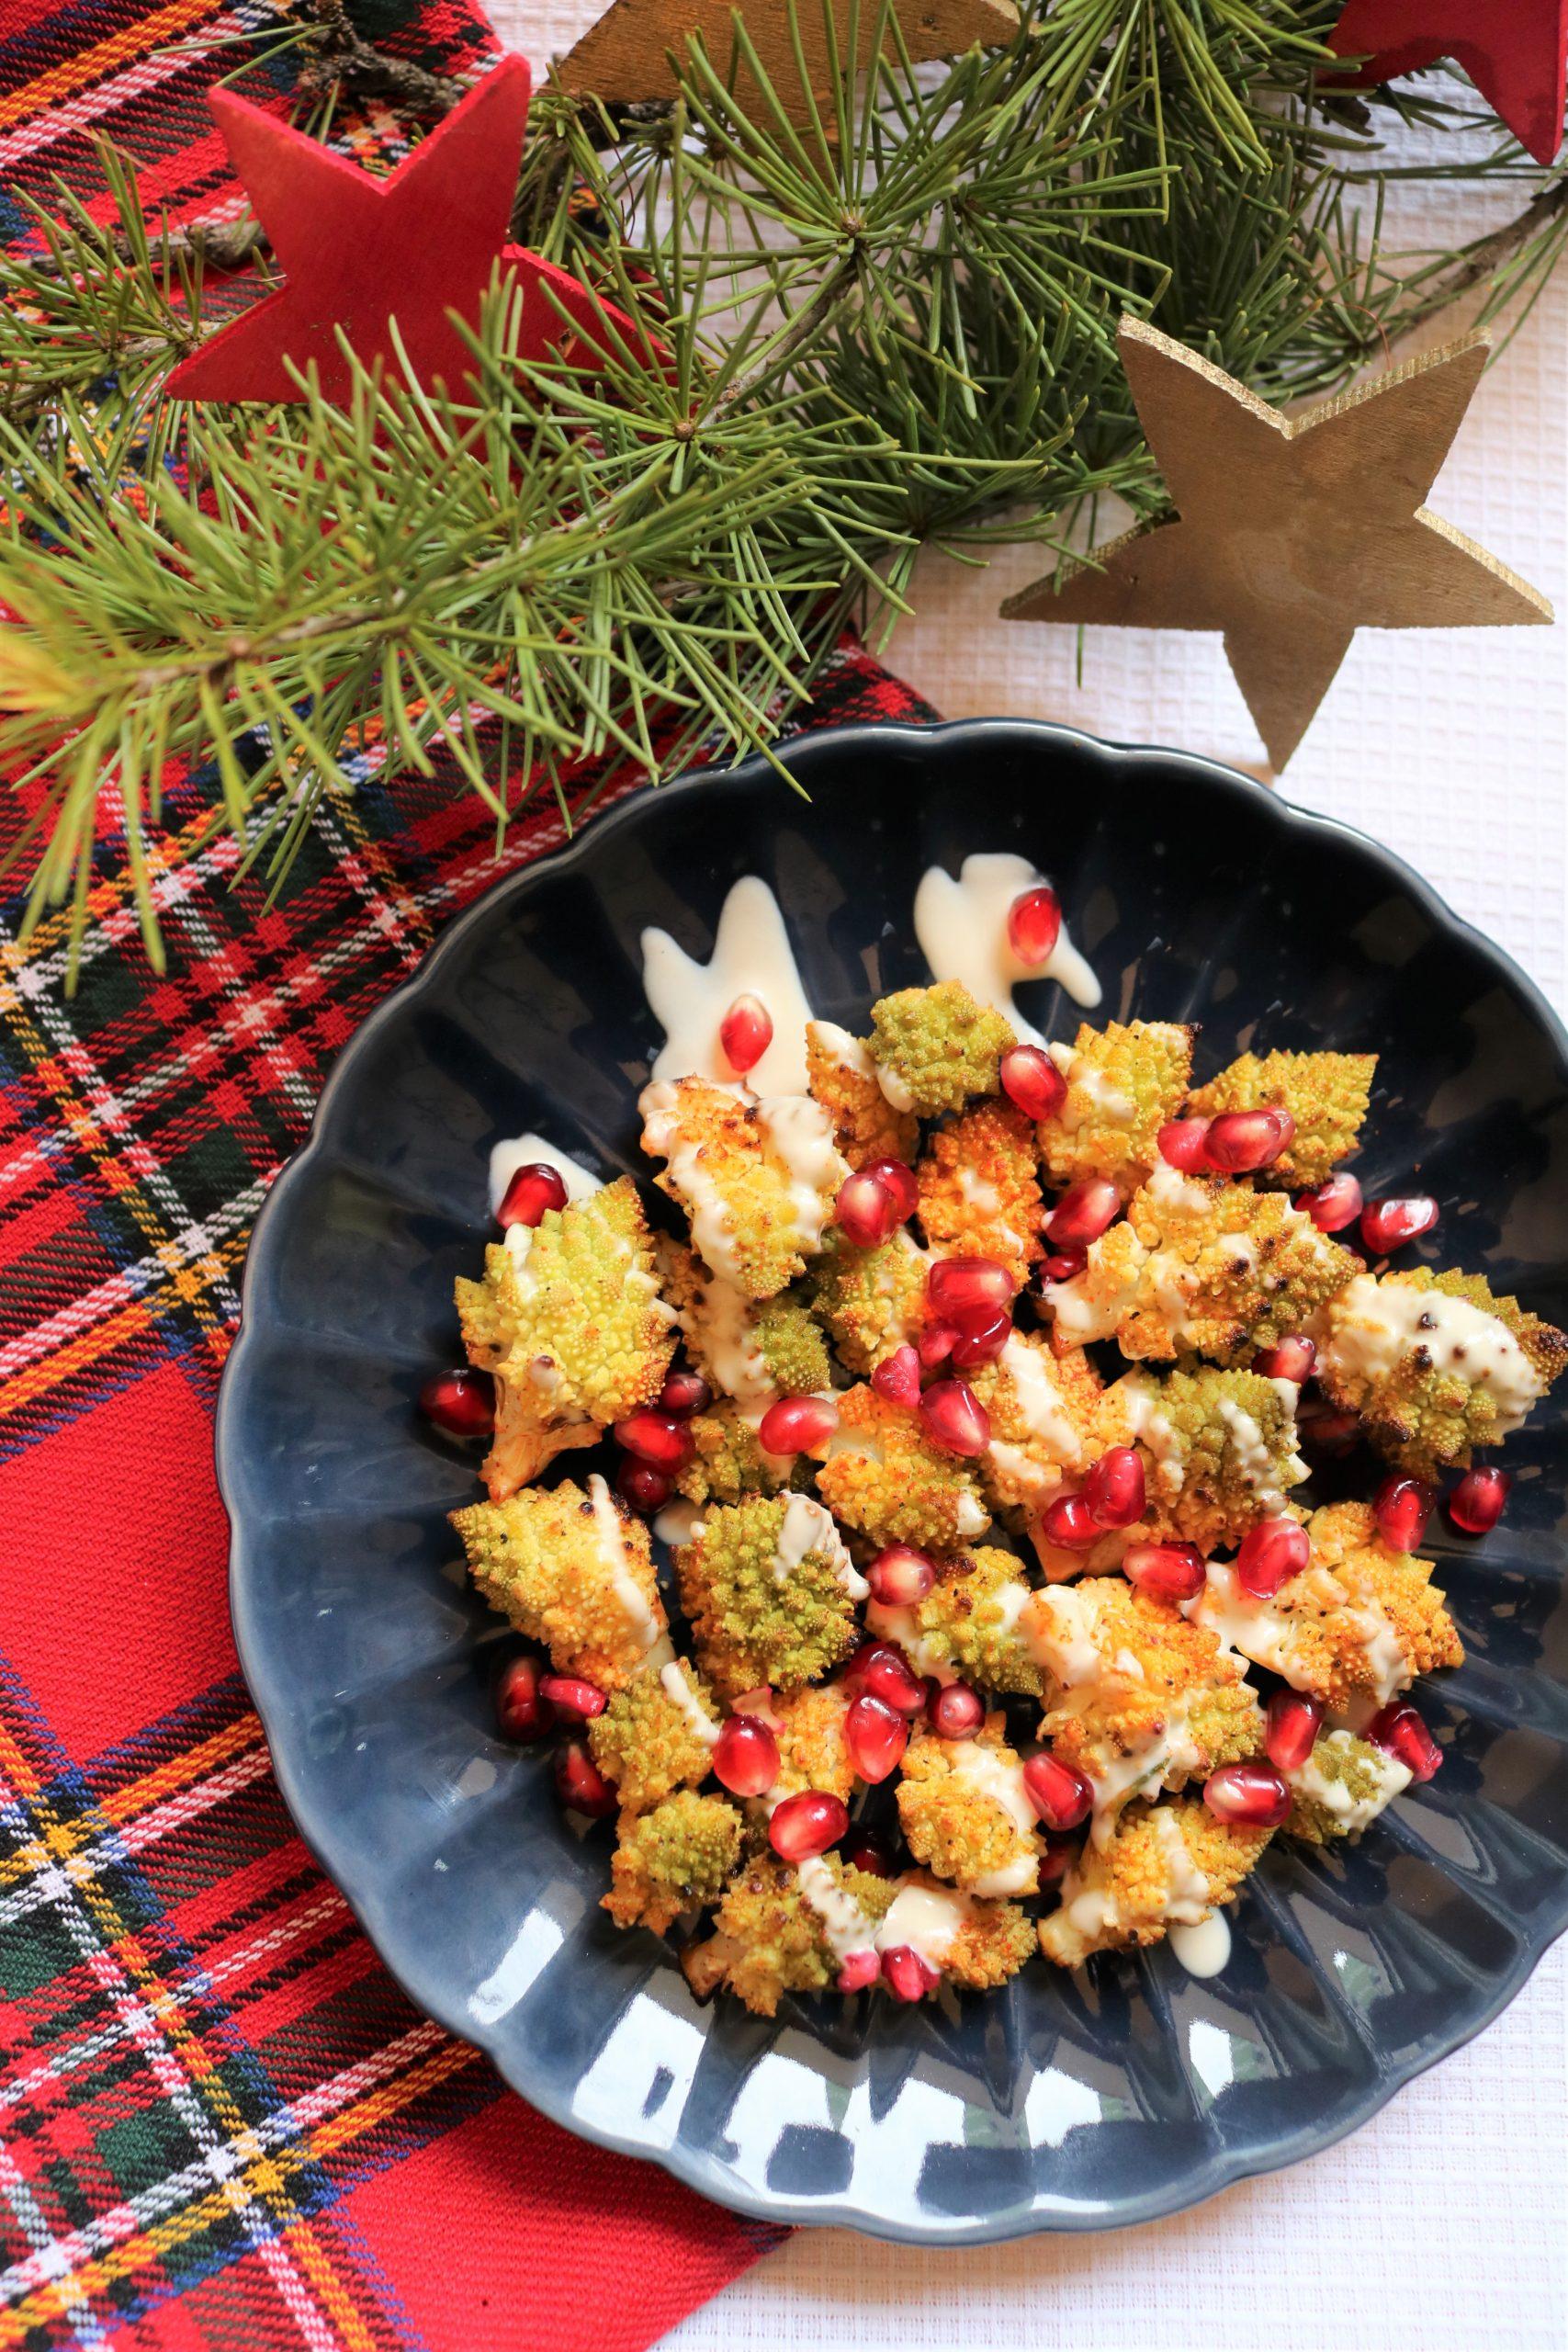 Natale all'insegna del Veg: menù vegetale al 100%